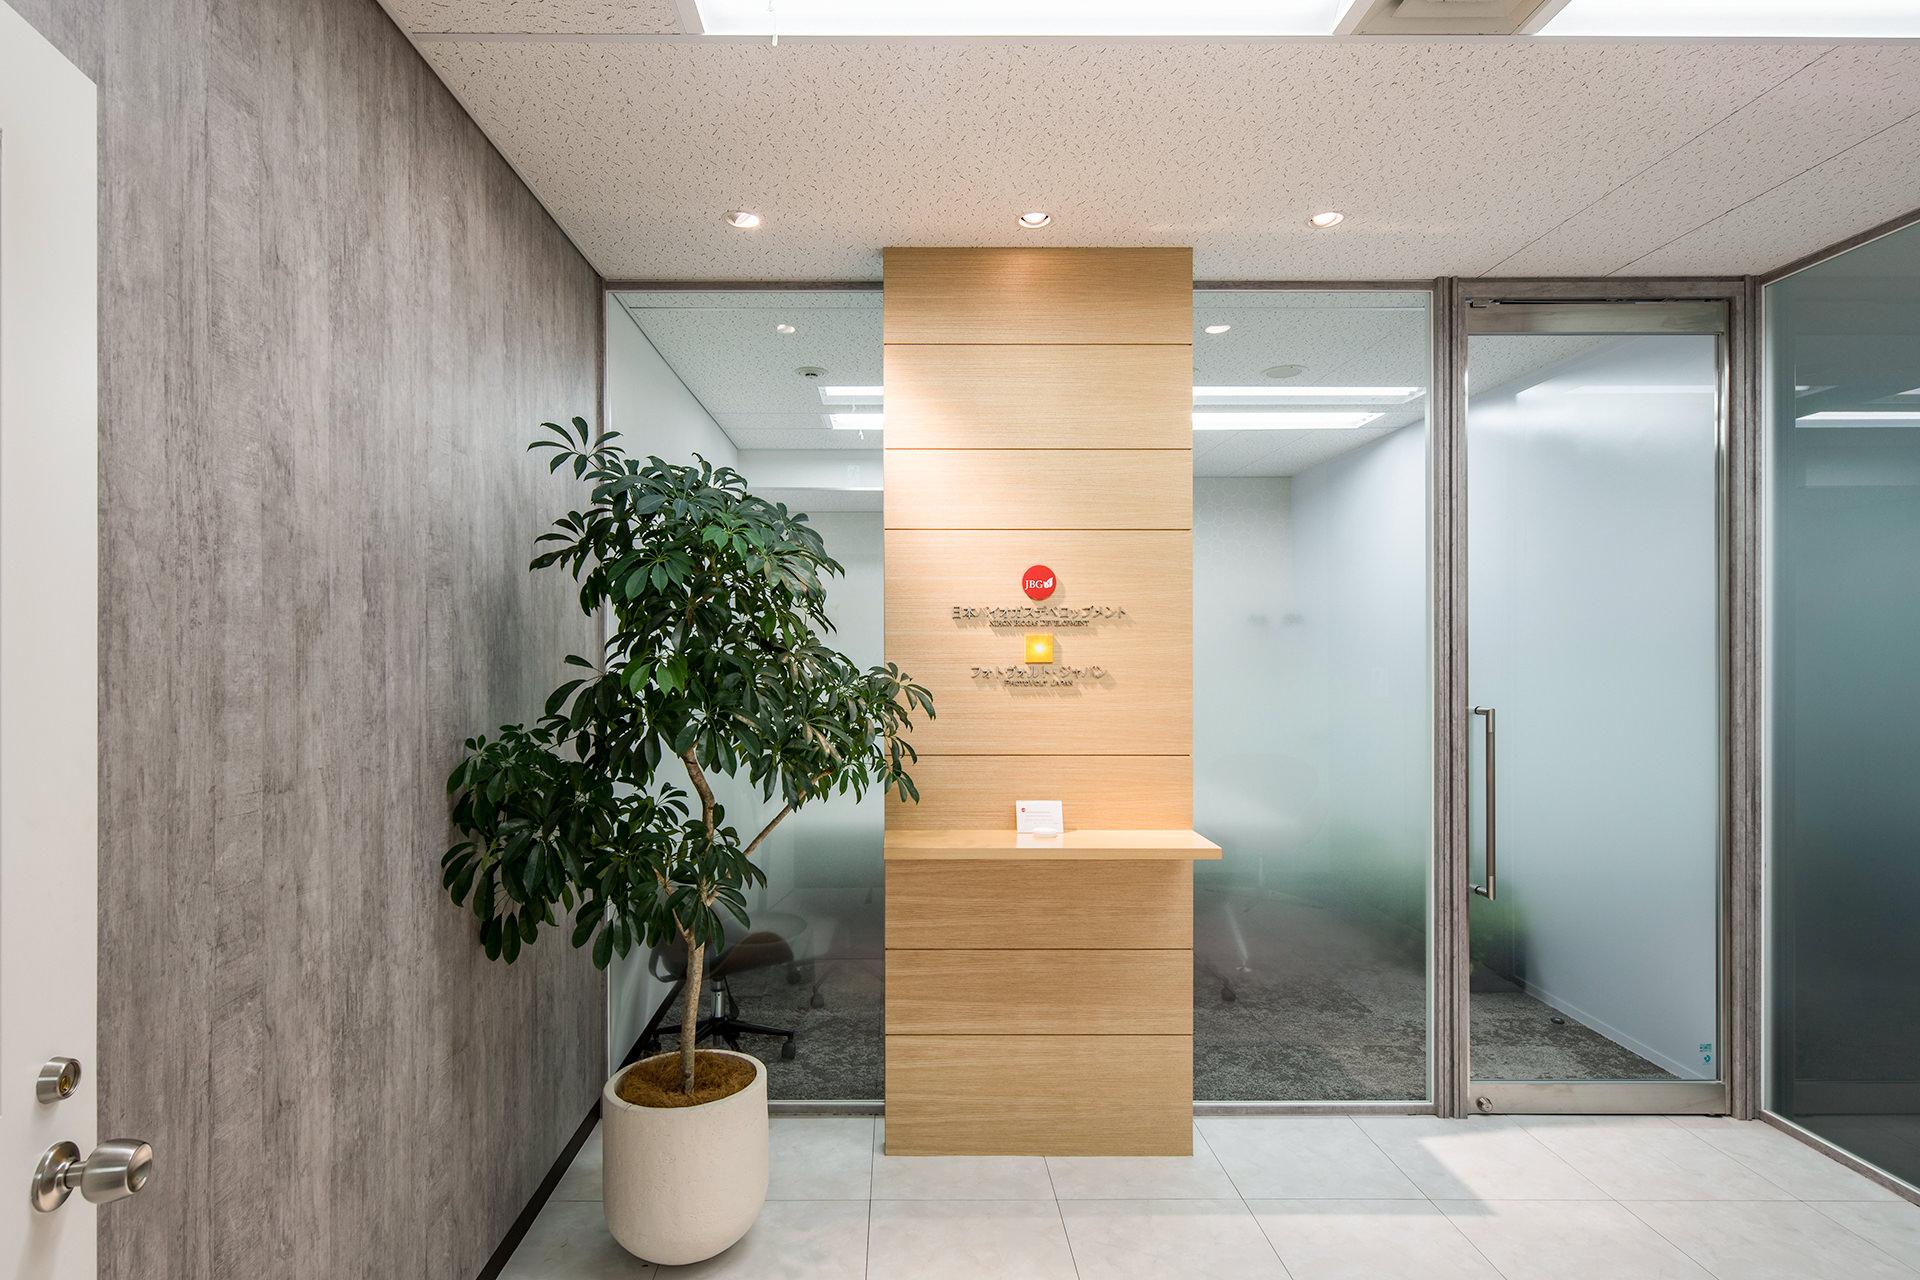 「日本バイオガスデベロップメント」オフィス竣工撮影の事例01